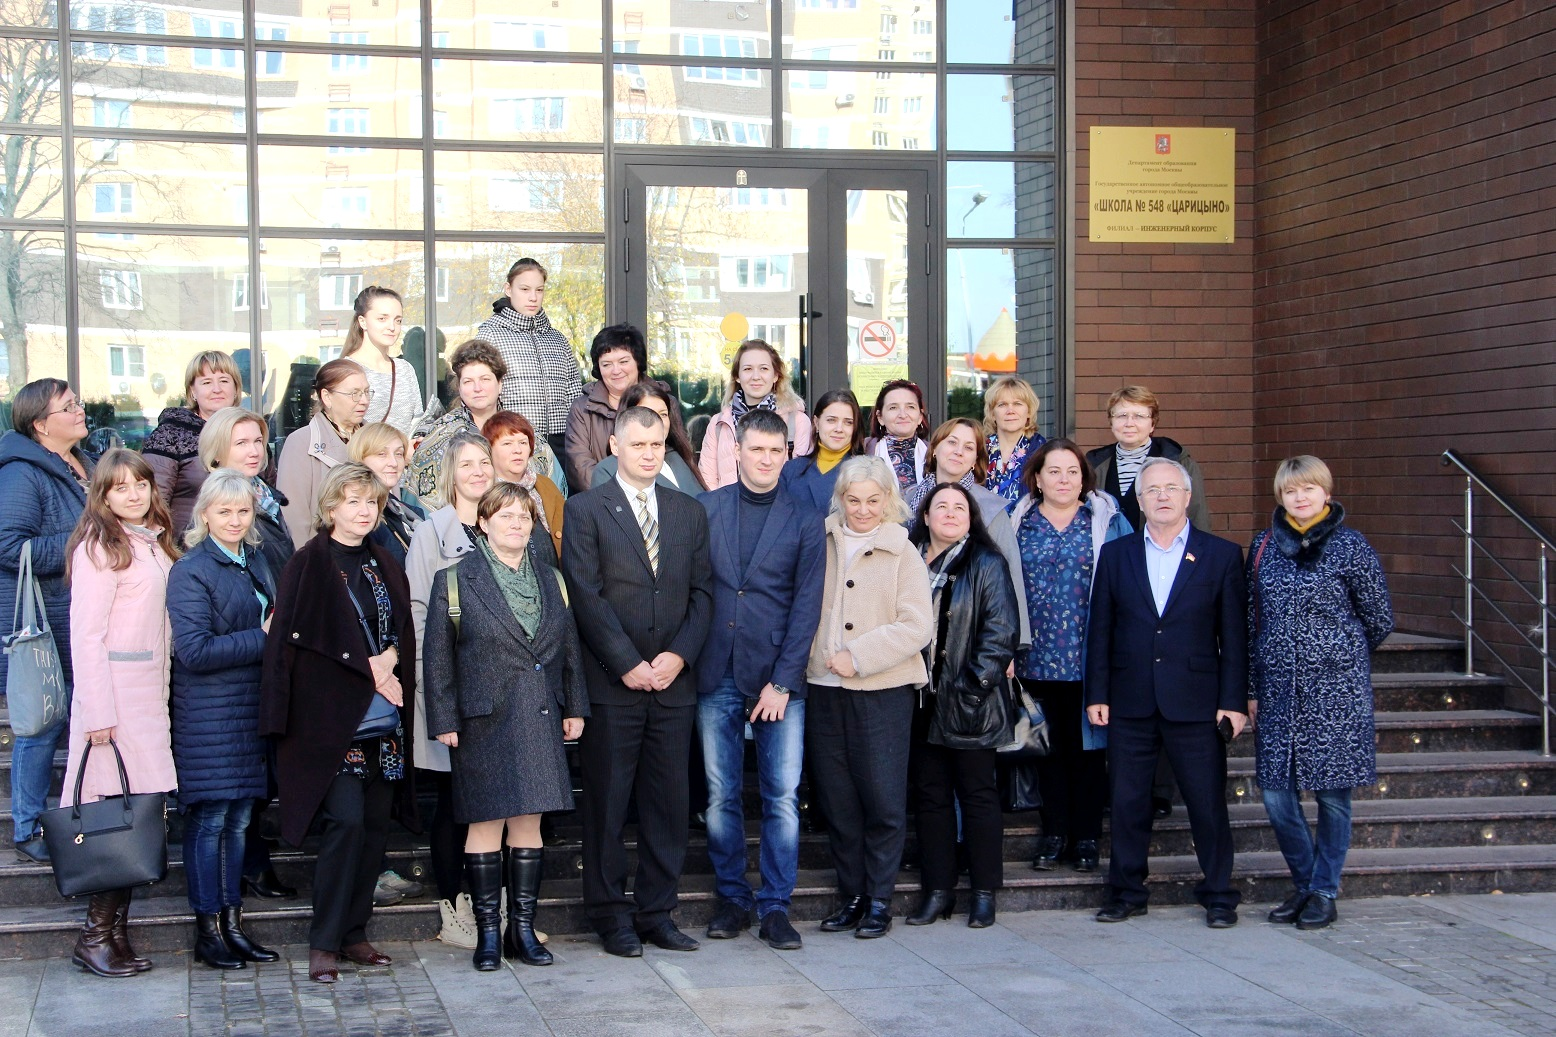 Ярославские учителя побывали в лучшей школе России (фоторепортаж)